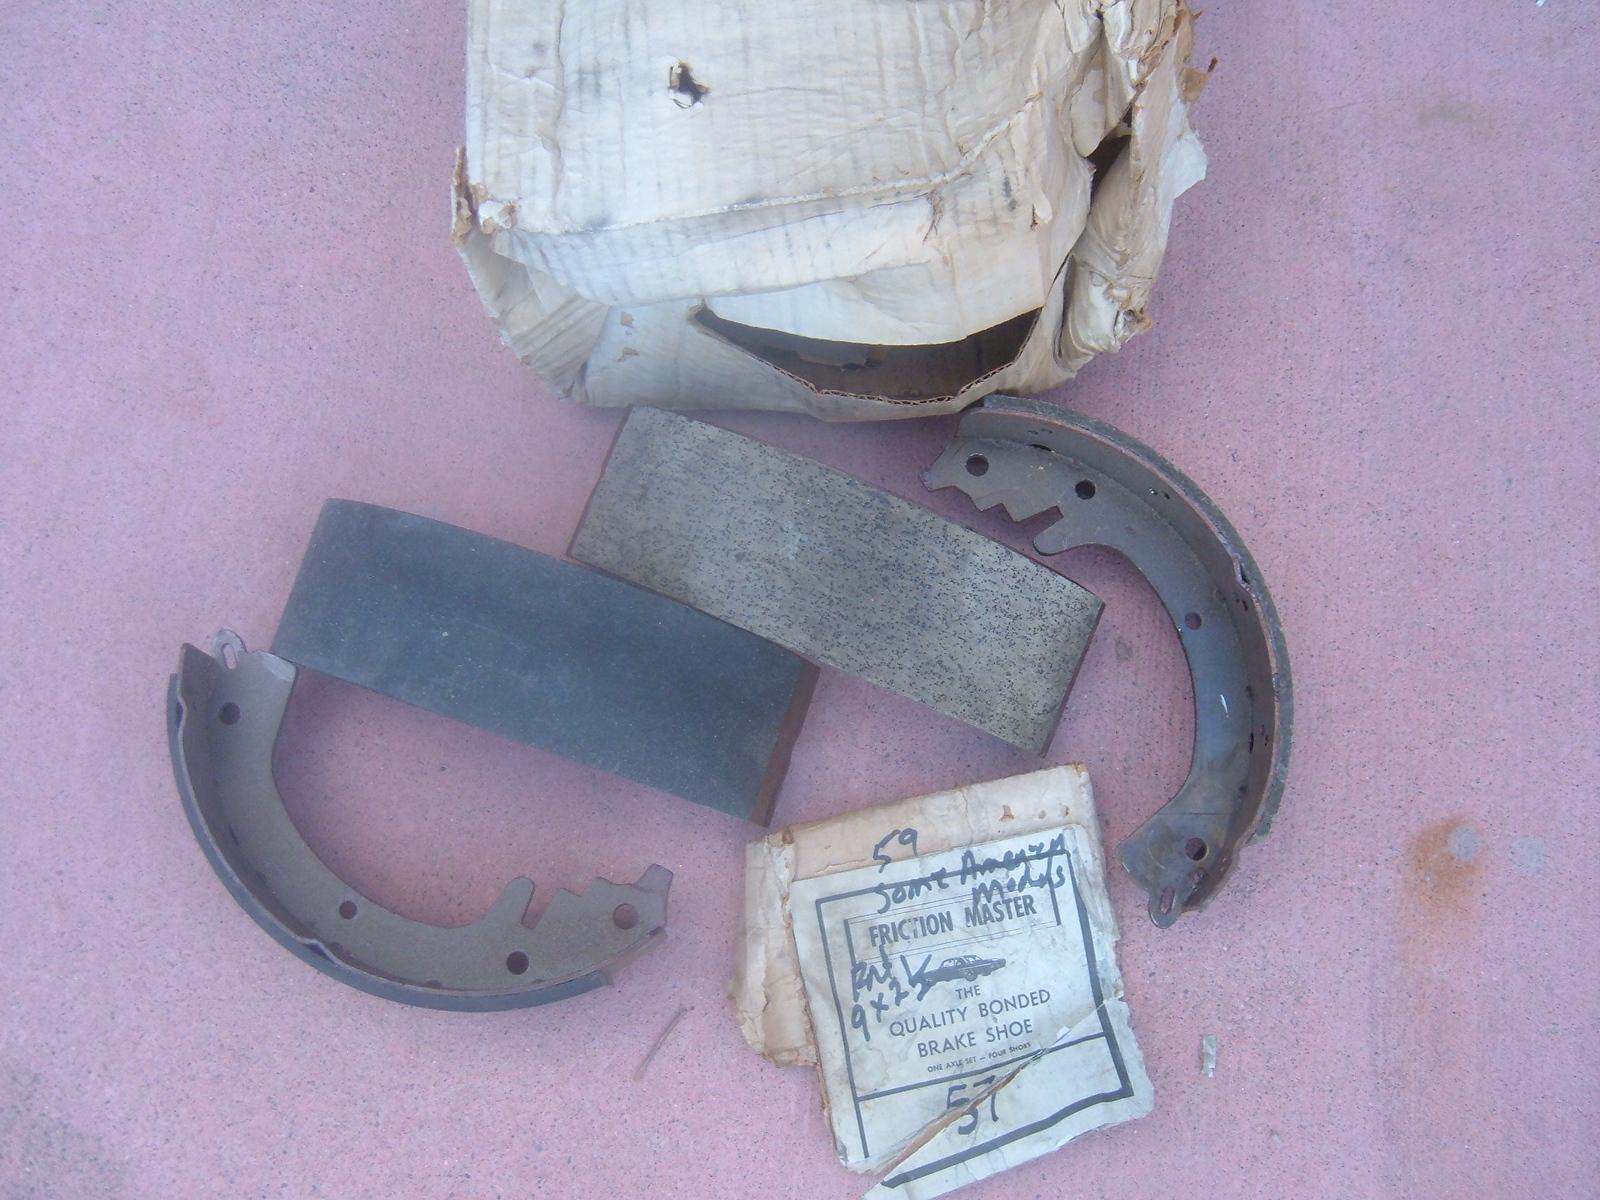 1954 55 56 57 59 rambler nash frt brakes shoes 9 X 2 1/2 # 57 (z 57)